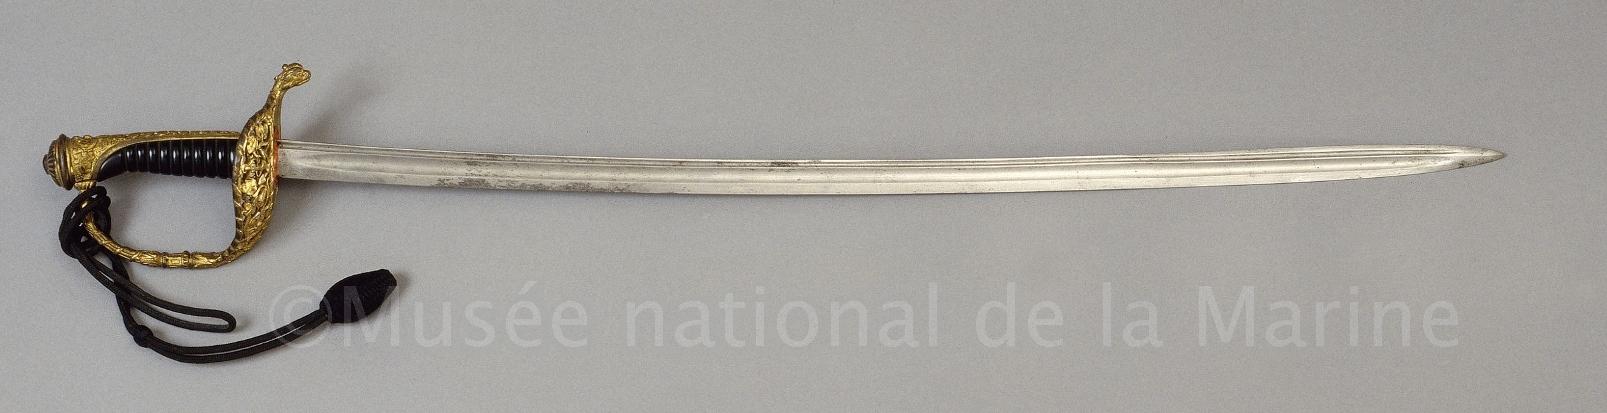 Un connaisseur en épées de Marine ? :) M5026-10